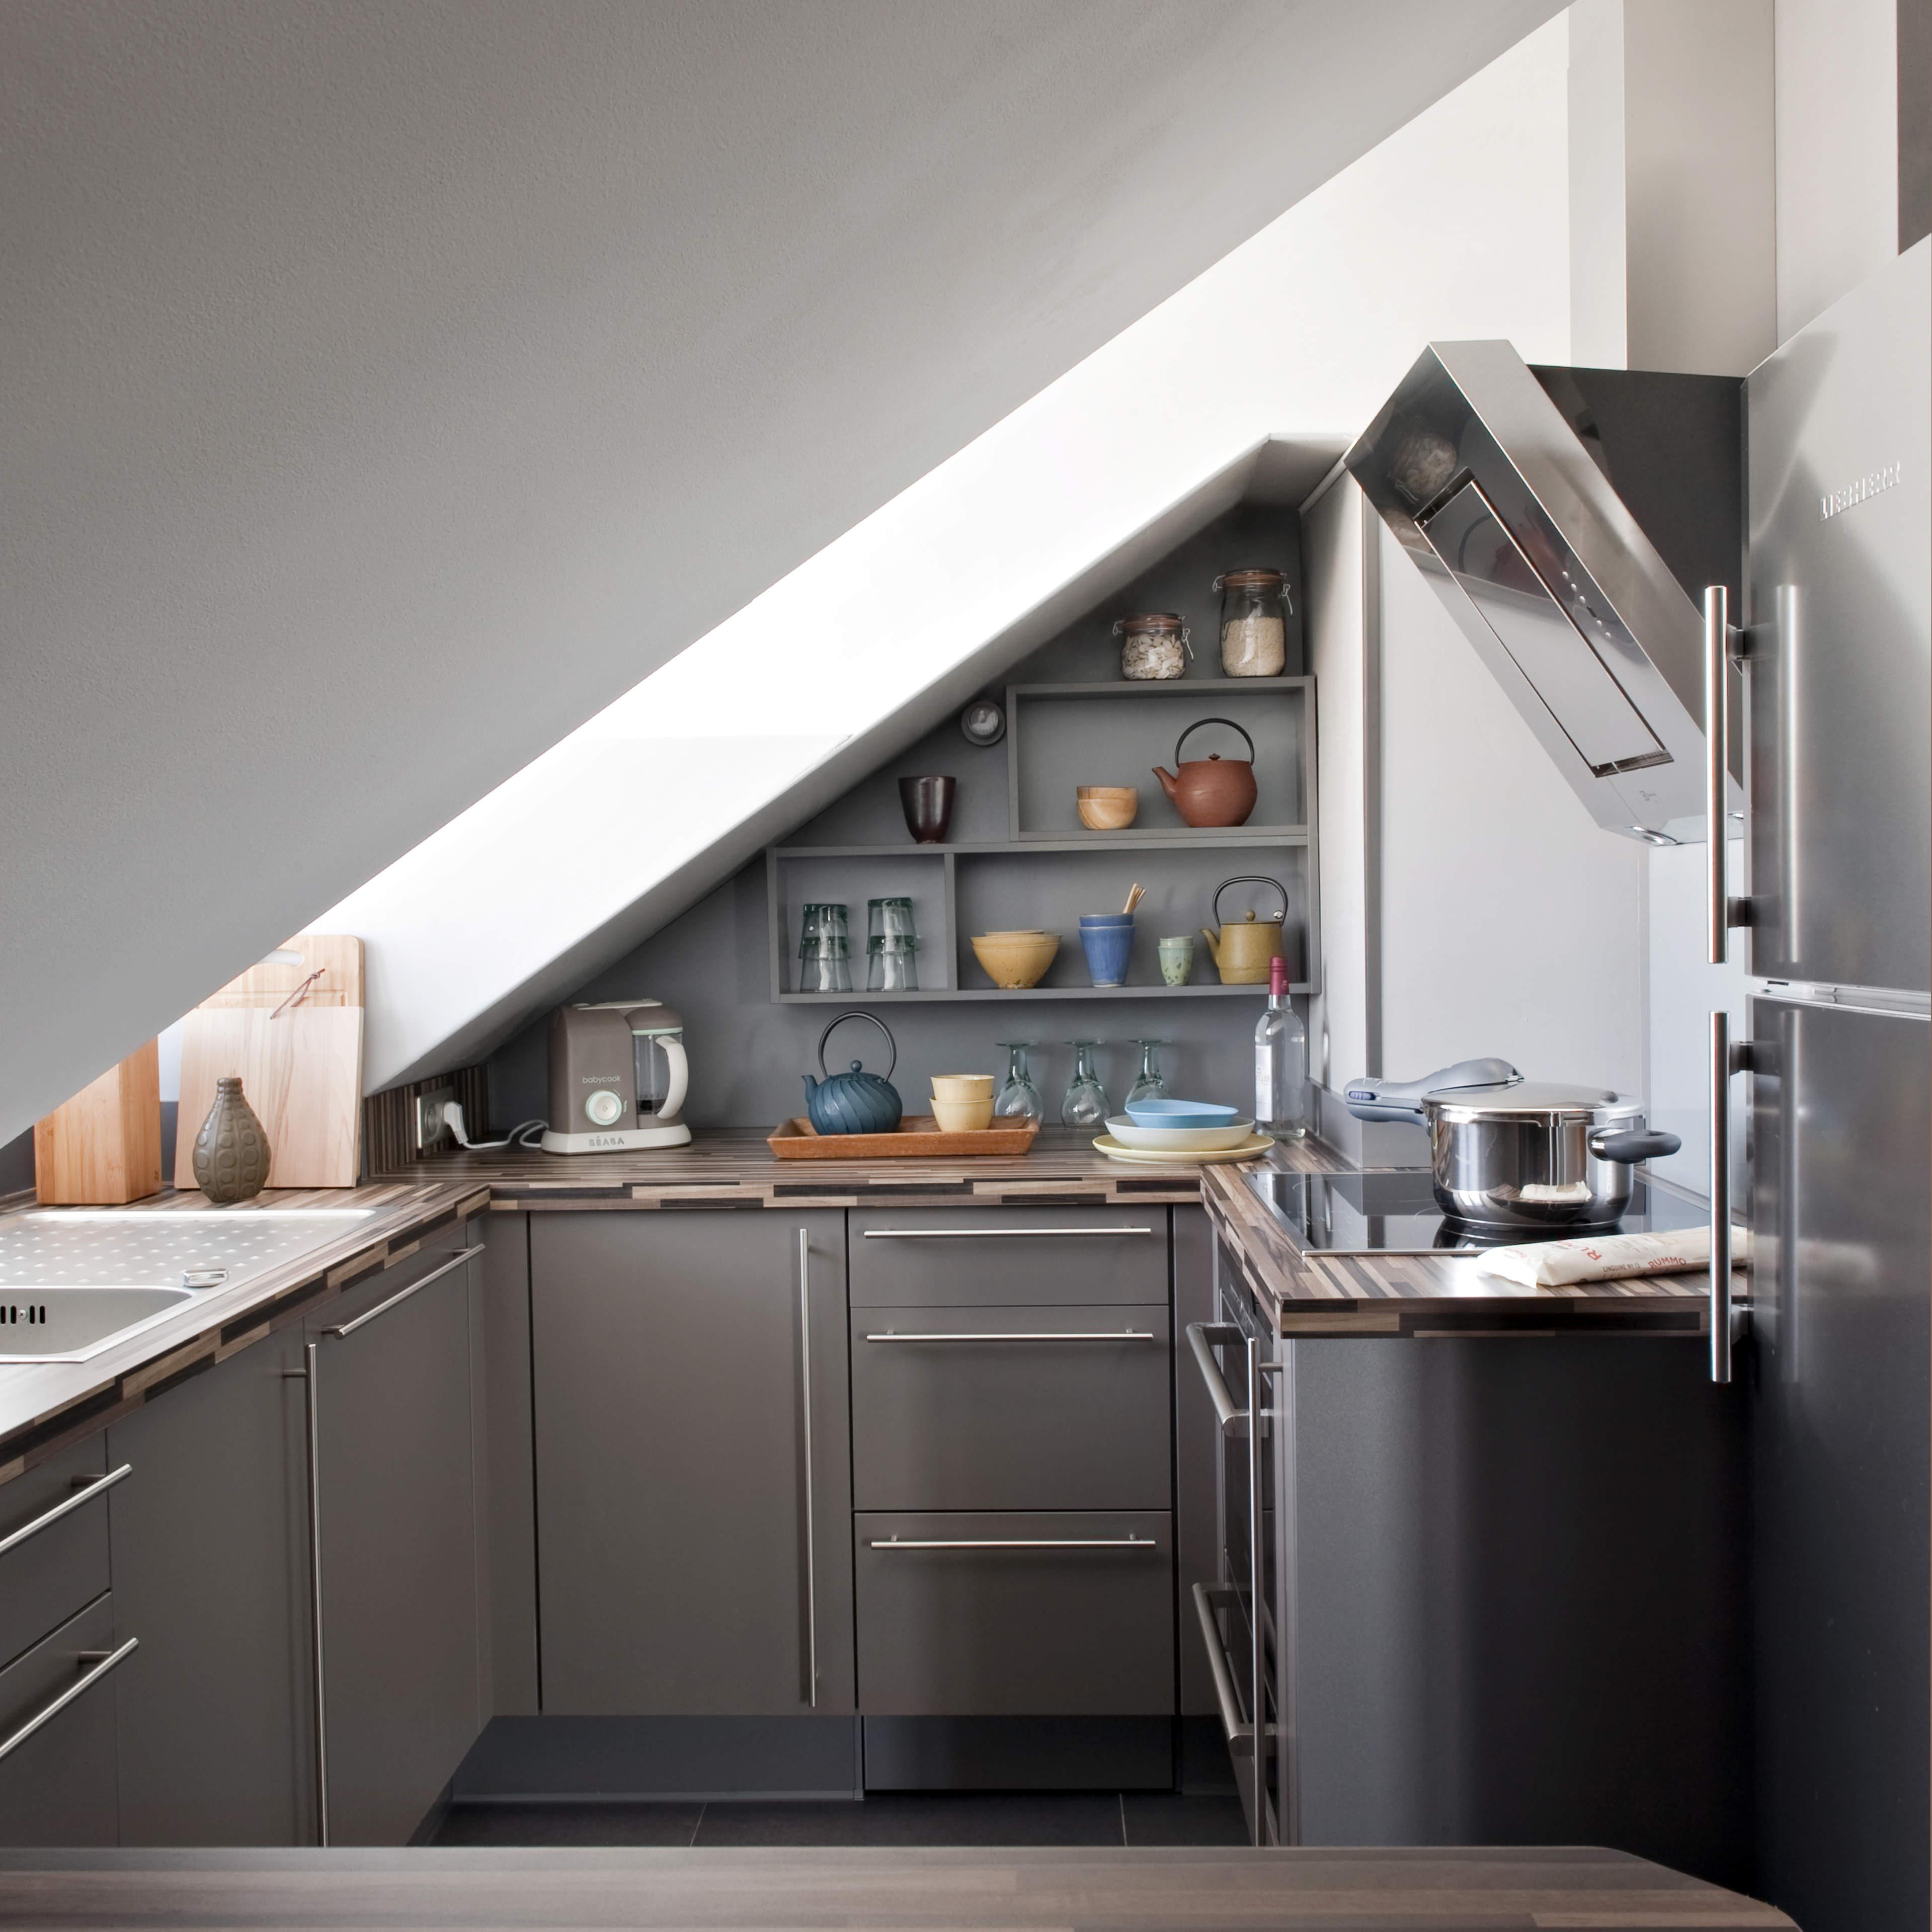 come rinnovare una vecchia cucina. Black Bedroom Furniture Sets. Home Design Ideas